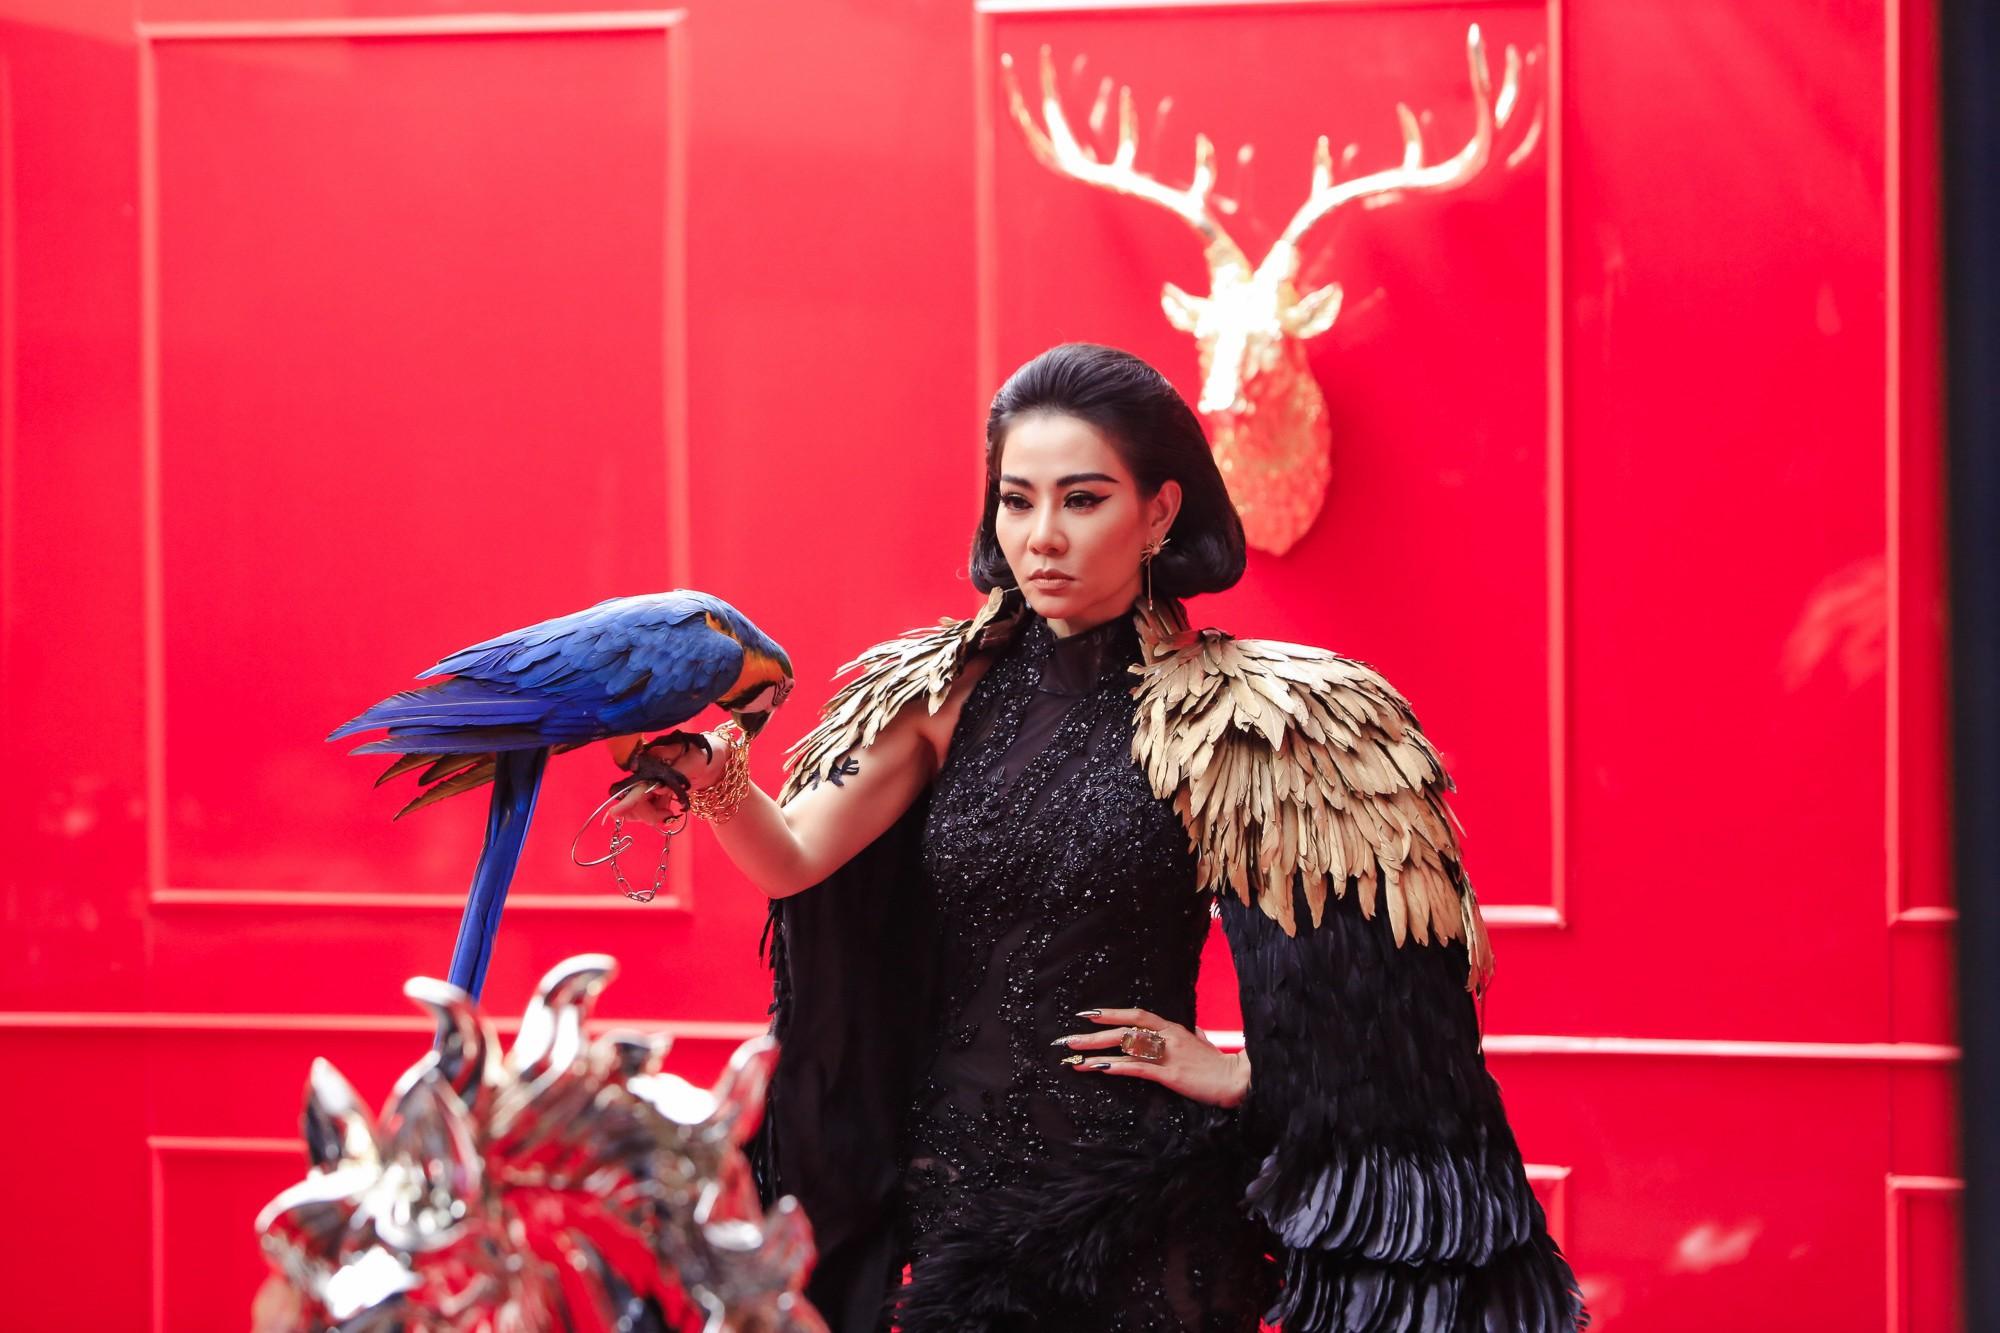 """Lộ hình ảnh sắc sảo uy quyền và bộ váy gây choáng của Thu Minh trong dự án """"kinh khủng nhất từ trước tới nay"""" - Ảnh 2."""